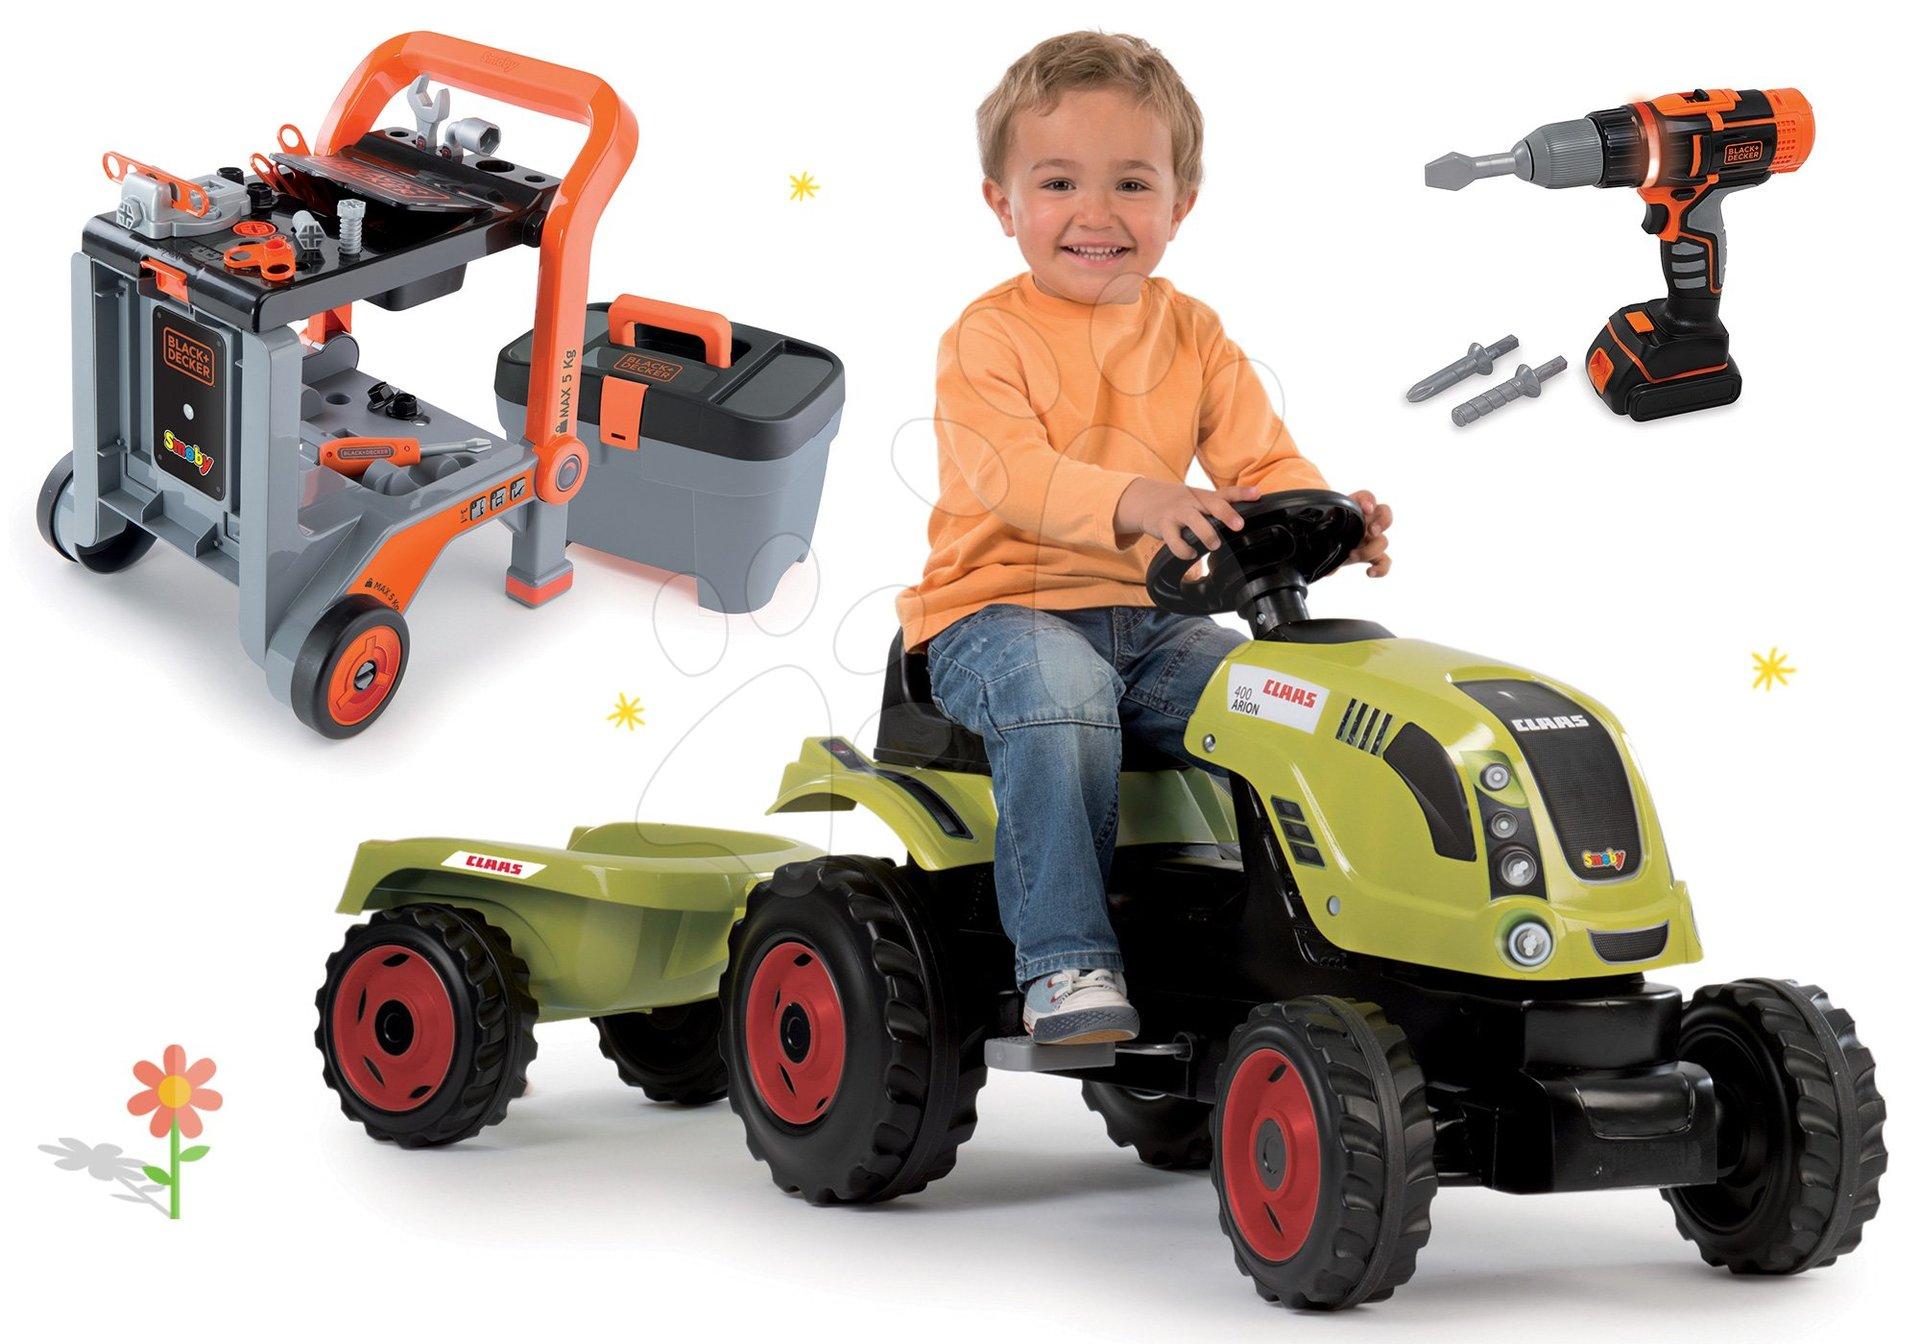 Smoby set traktor Claas Farmer XL na šliapanie s prívesom Smoby a pracovná dielňa Black&Decker 3v1 s elektronickou vŕtačkou 710114-6